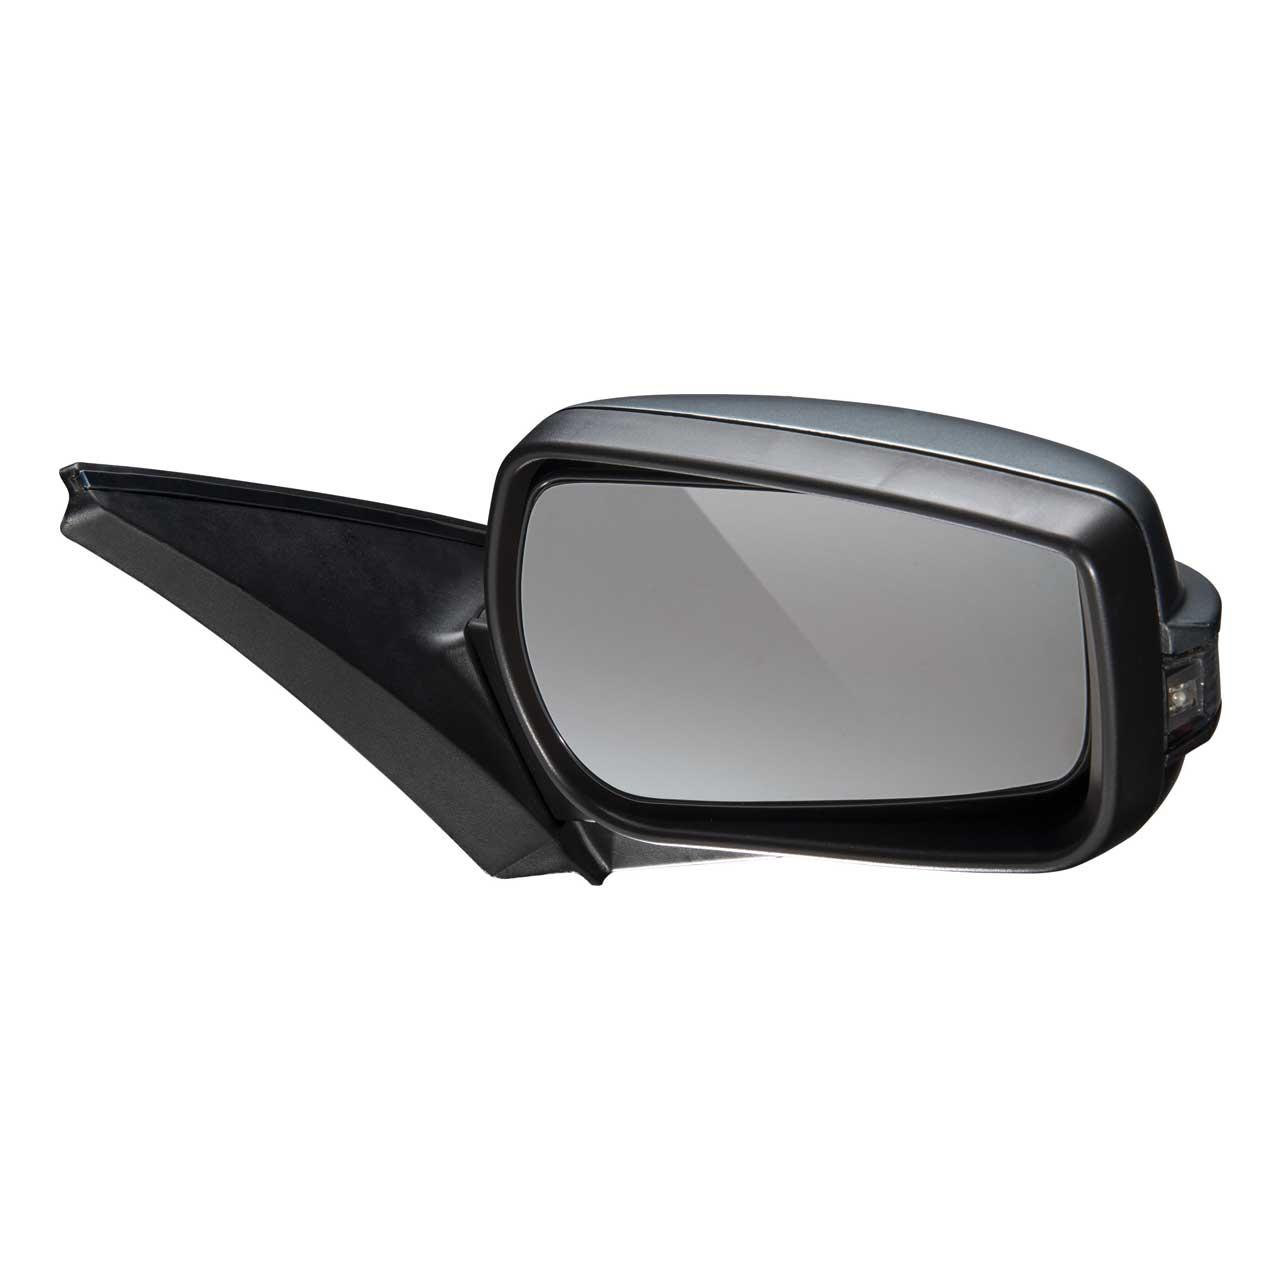 آینه برقی جانبی راست خودرو BZ مشکی مناسب برای پژو پارس P9